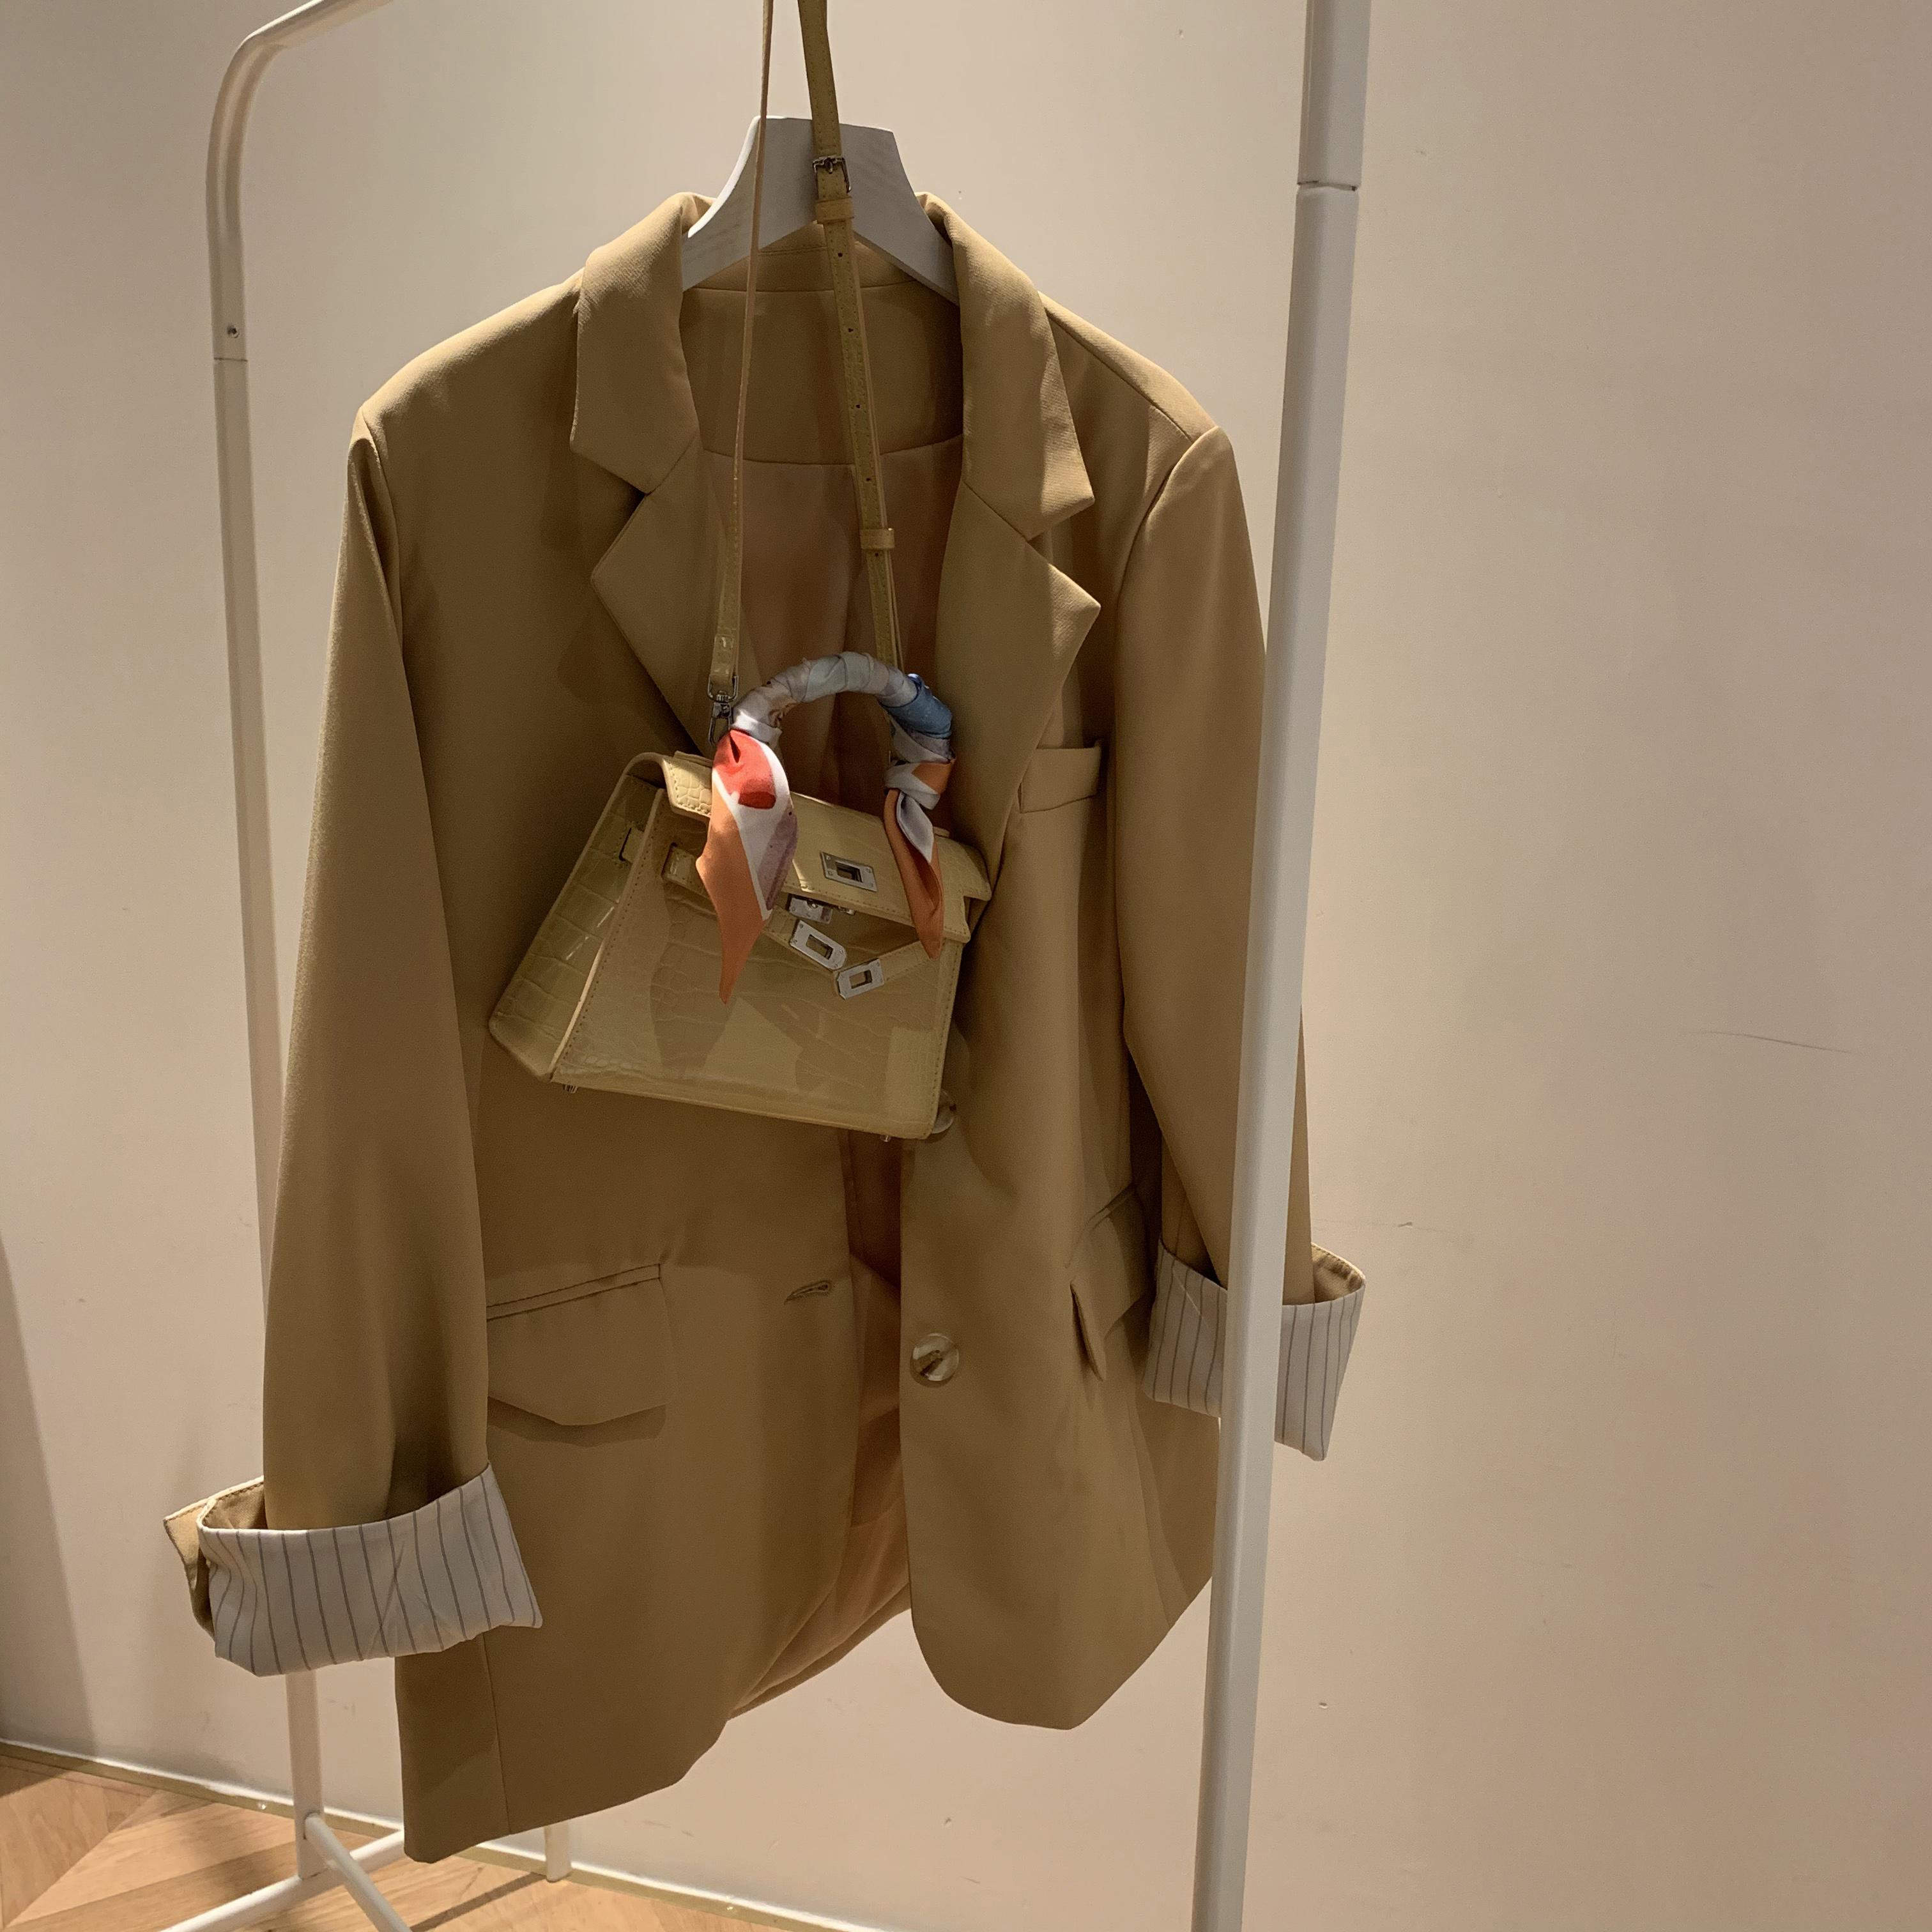 新款潮时尚单肩斜挎包 2021 手提丝巾凯莉包包女 海棠 yu 大 南风